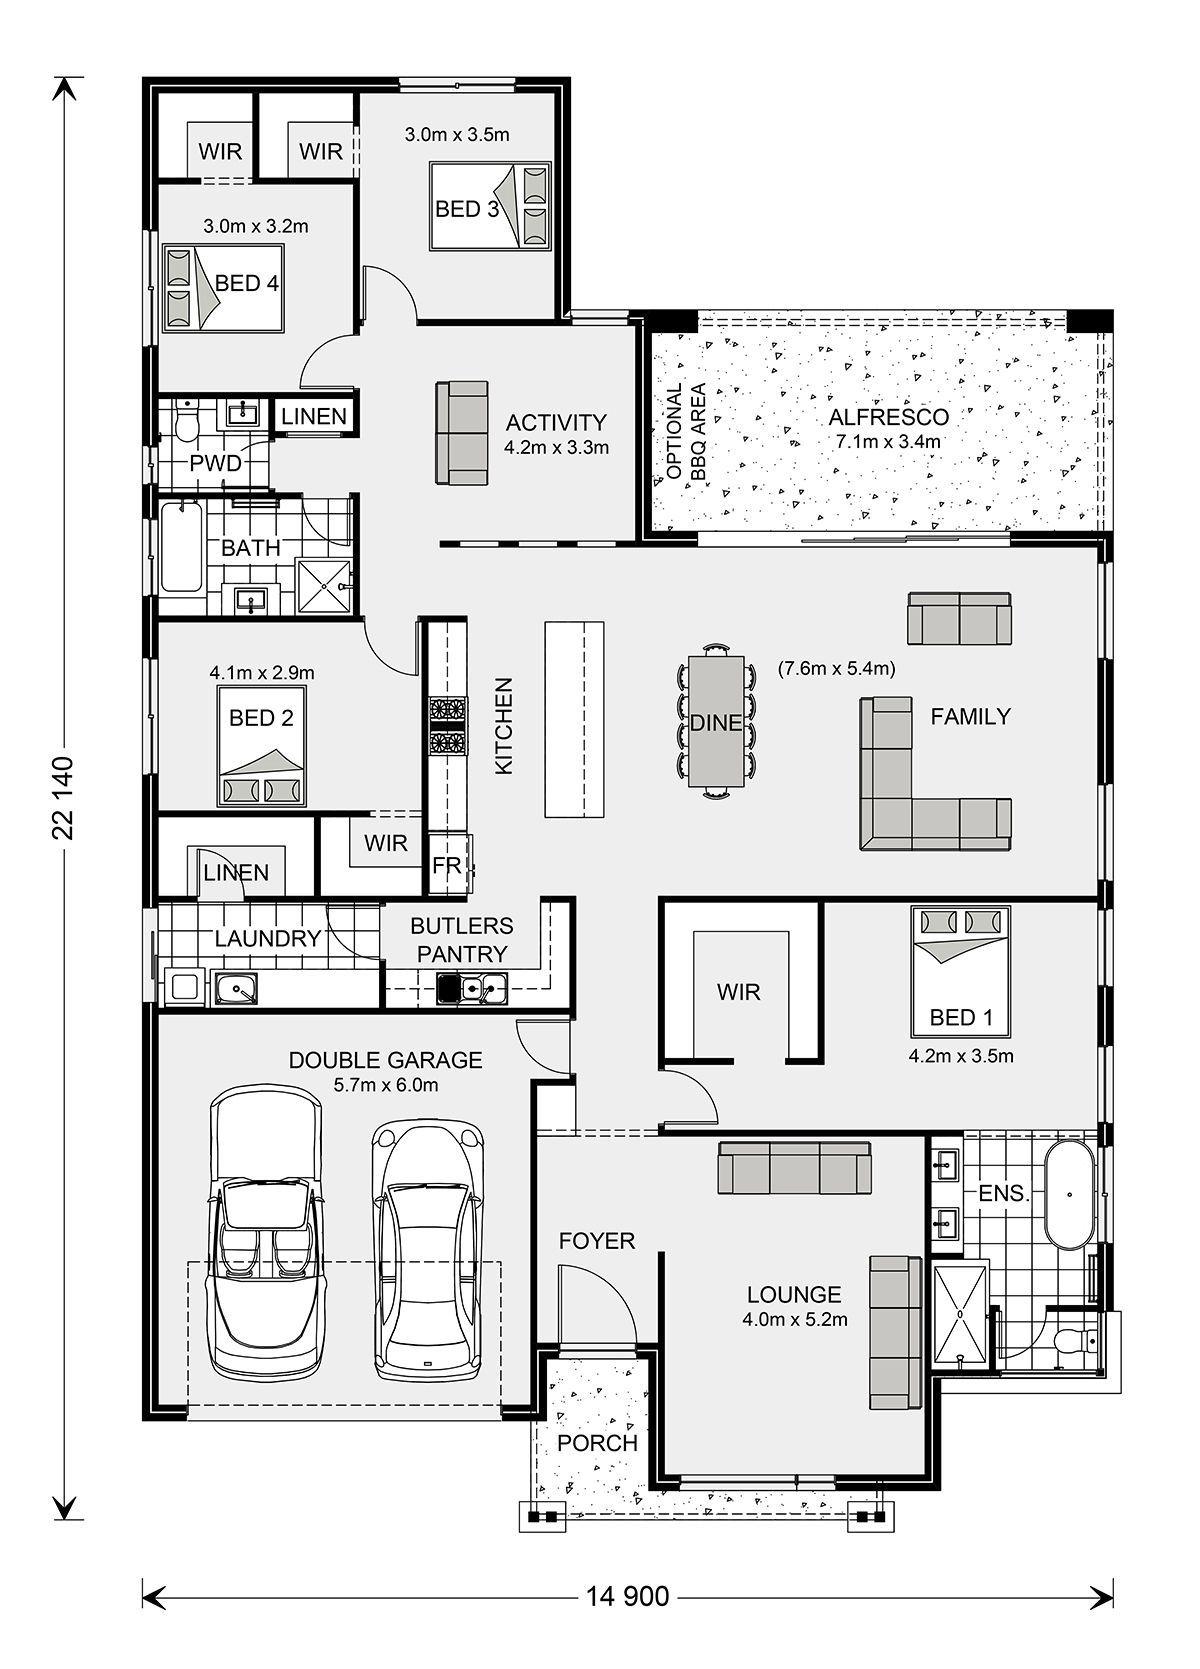 Slate Flooring Basement Flooring Design Bedroom Basement Flooring The Family Handyman Brick Flooring Garage P House Plans Australia House Plans New House Plans